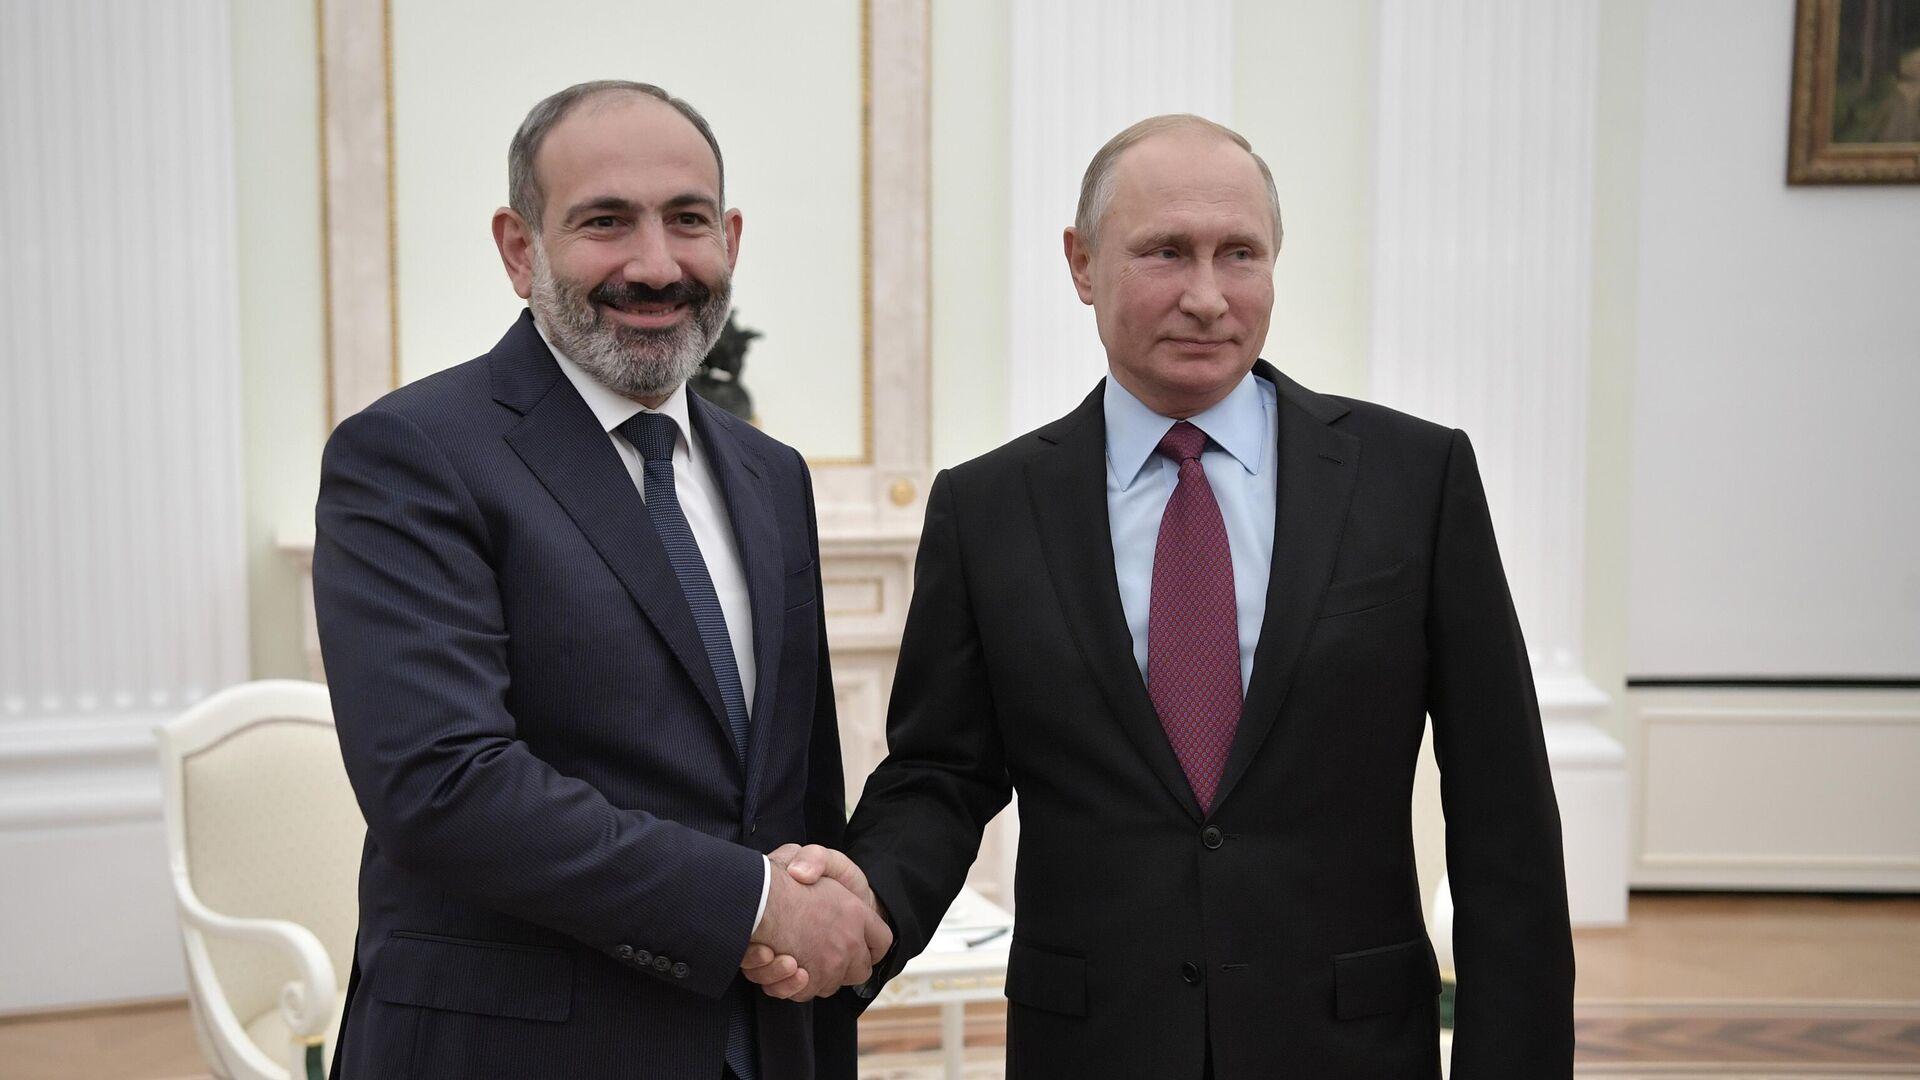 Президент РФ Владимир Путин и премьер-министр Армении Никол Пашинян во время встречи в Кремле - РИА Новости, 1920, 07.04.2021